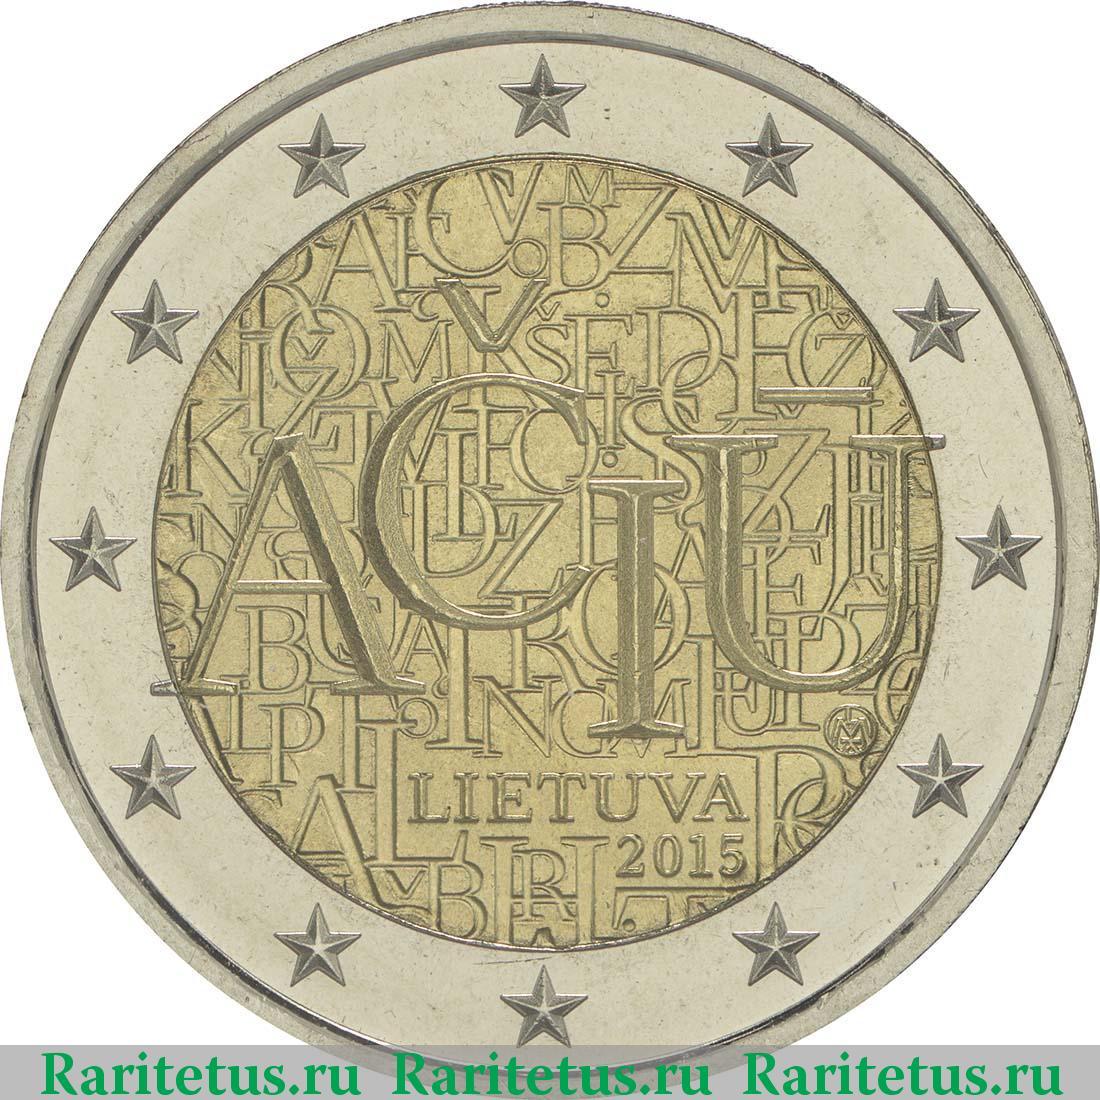 100 литов 2009 года золото цена тираж олимпийская 100 рублей цена